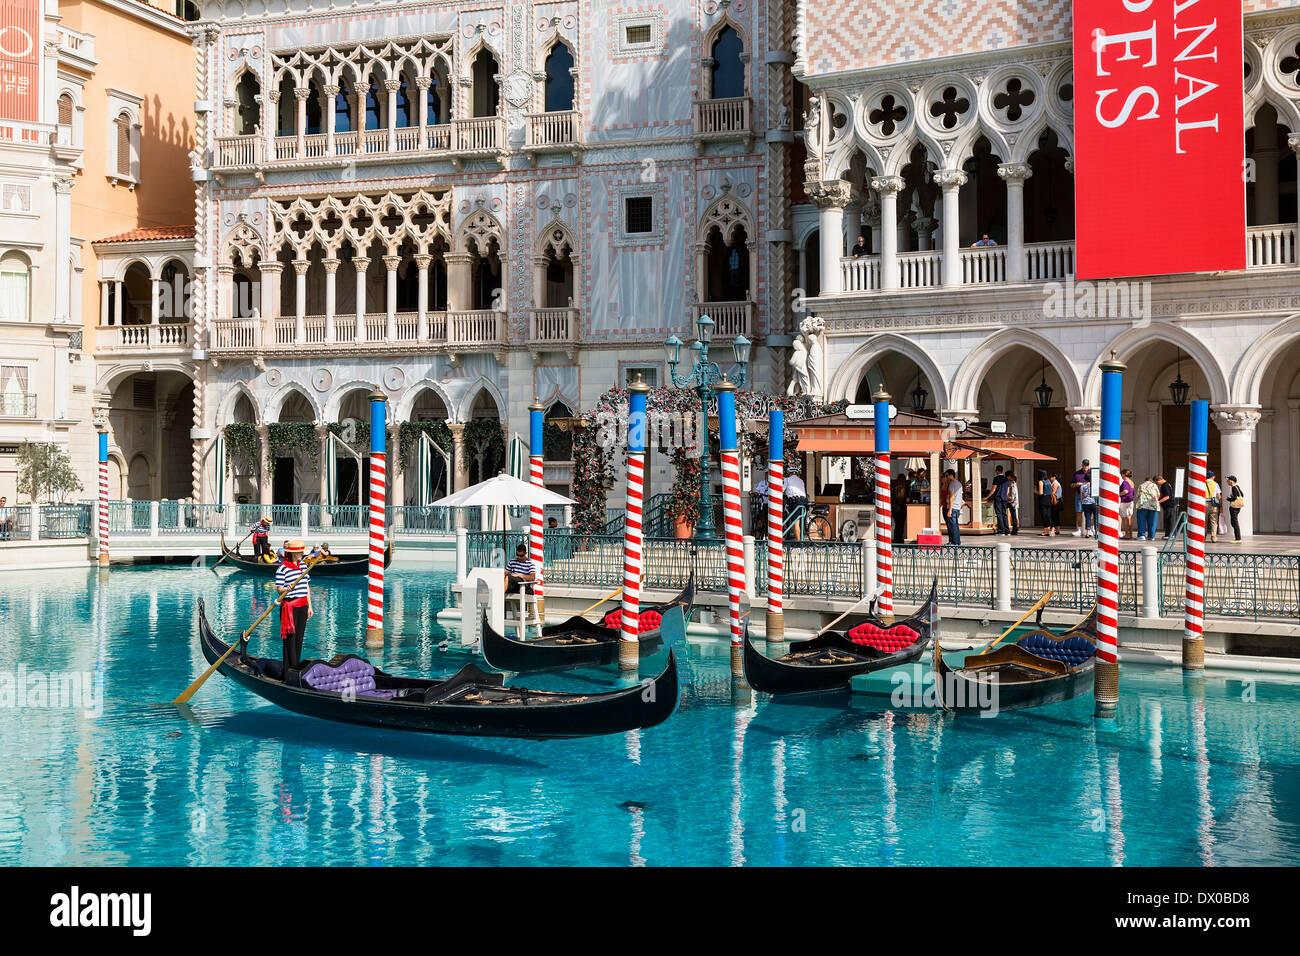 Las Vegas, El lujoso hotel de Venecia Imagen De Stock